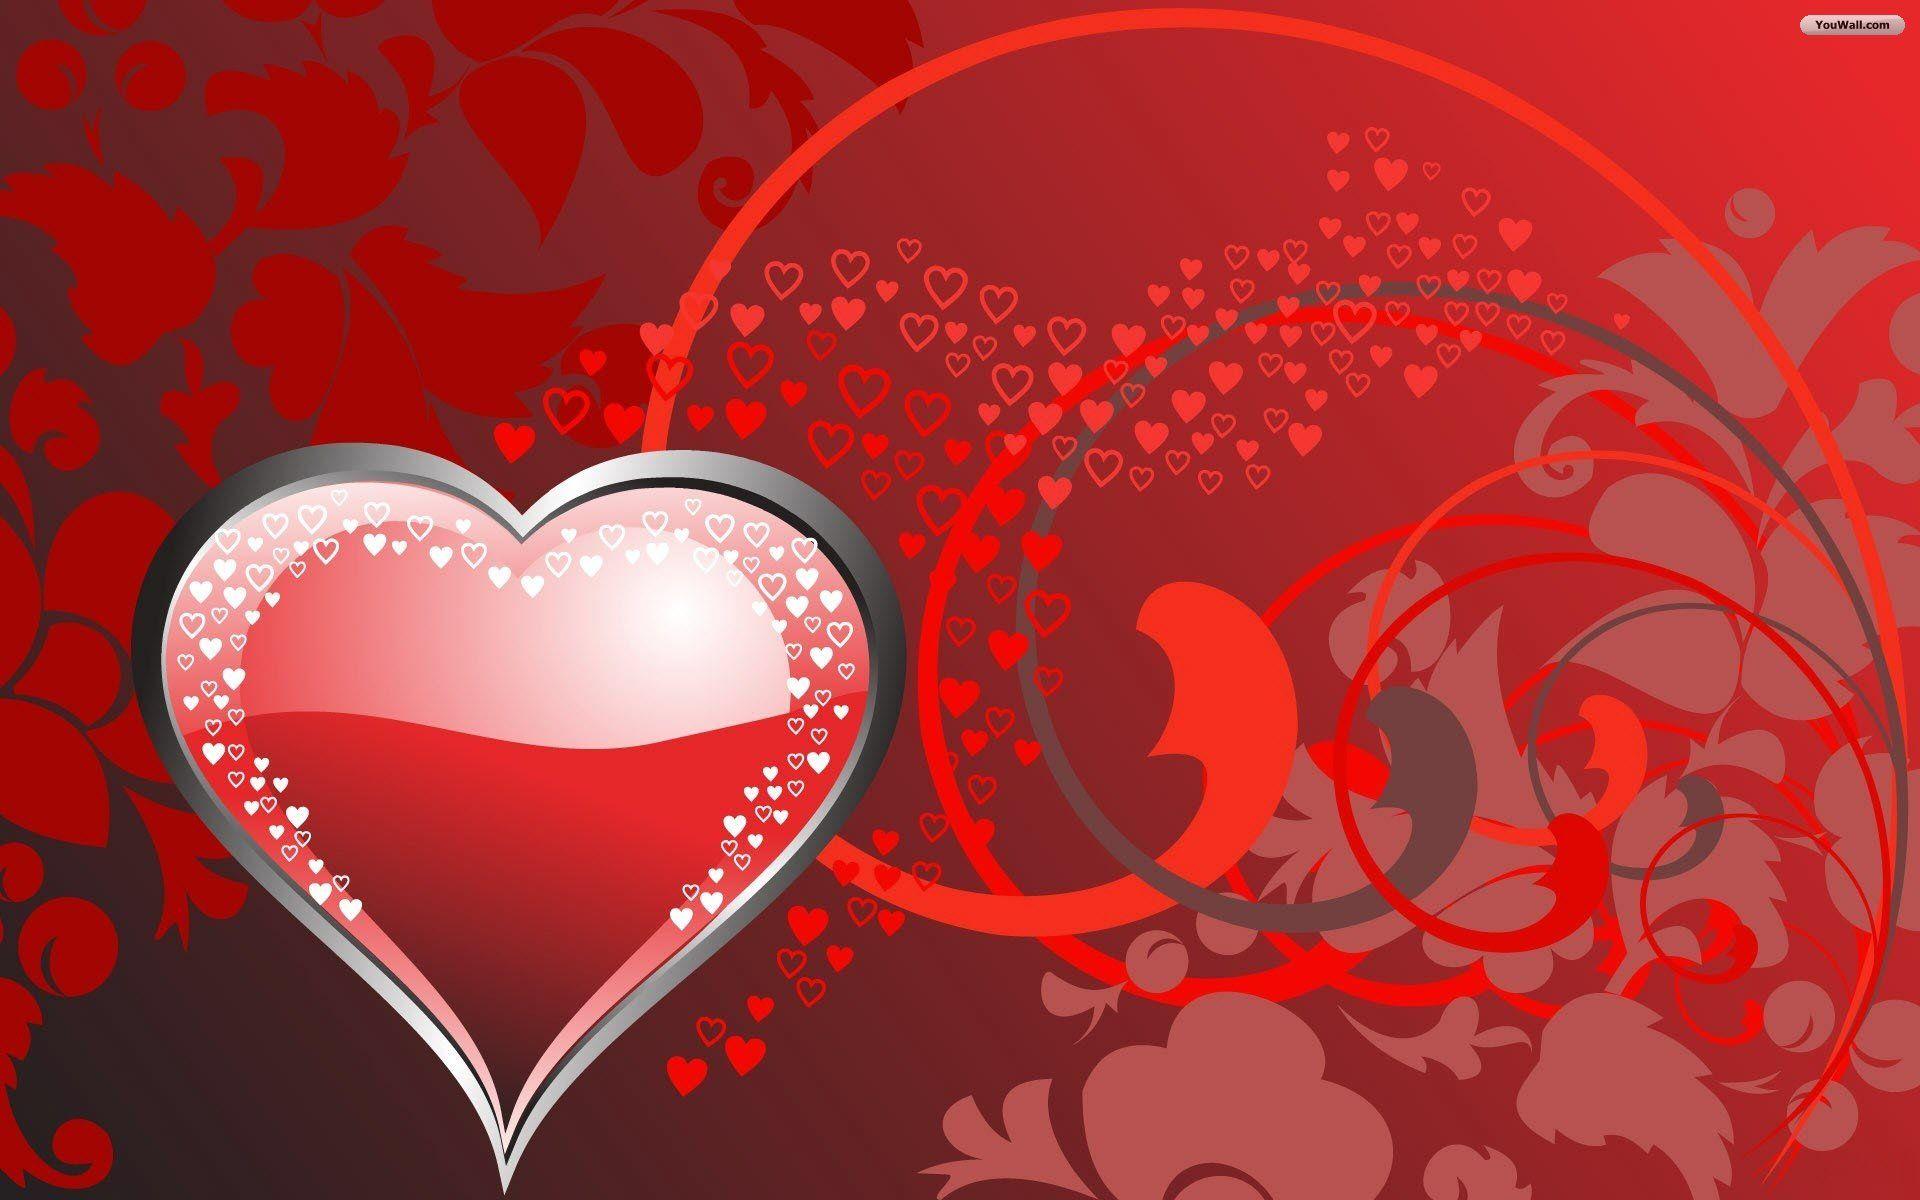 Ss Love Images Hd - impremedia.net